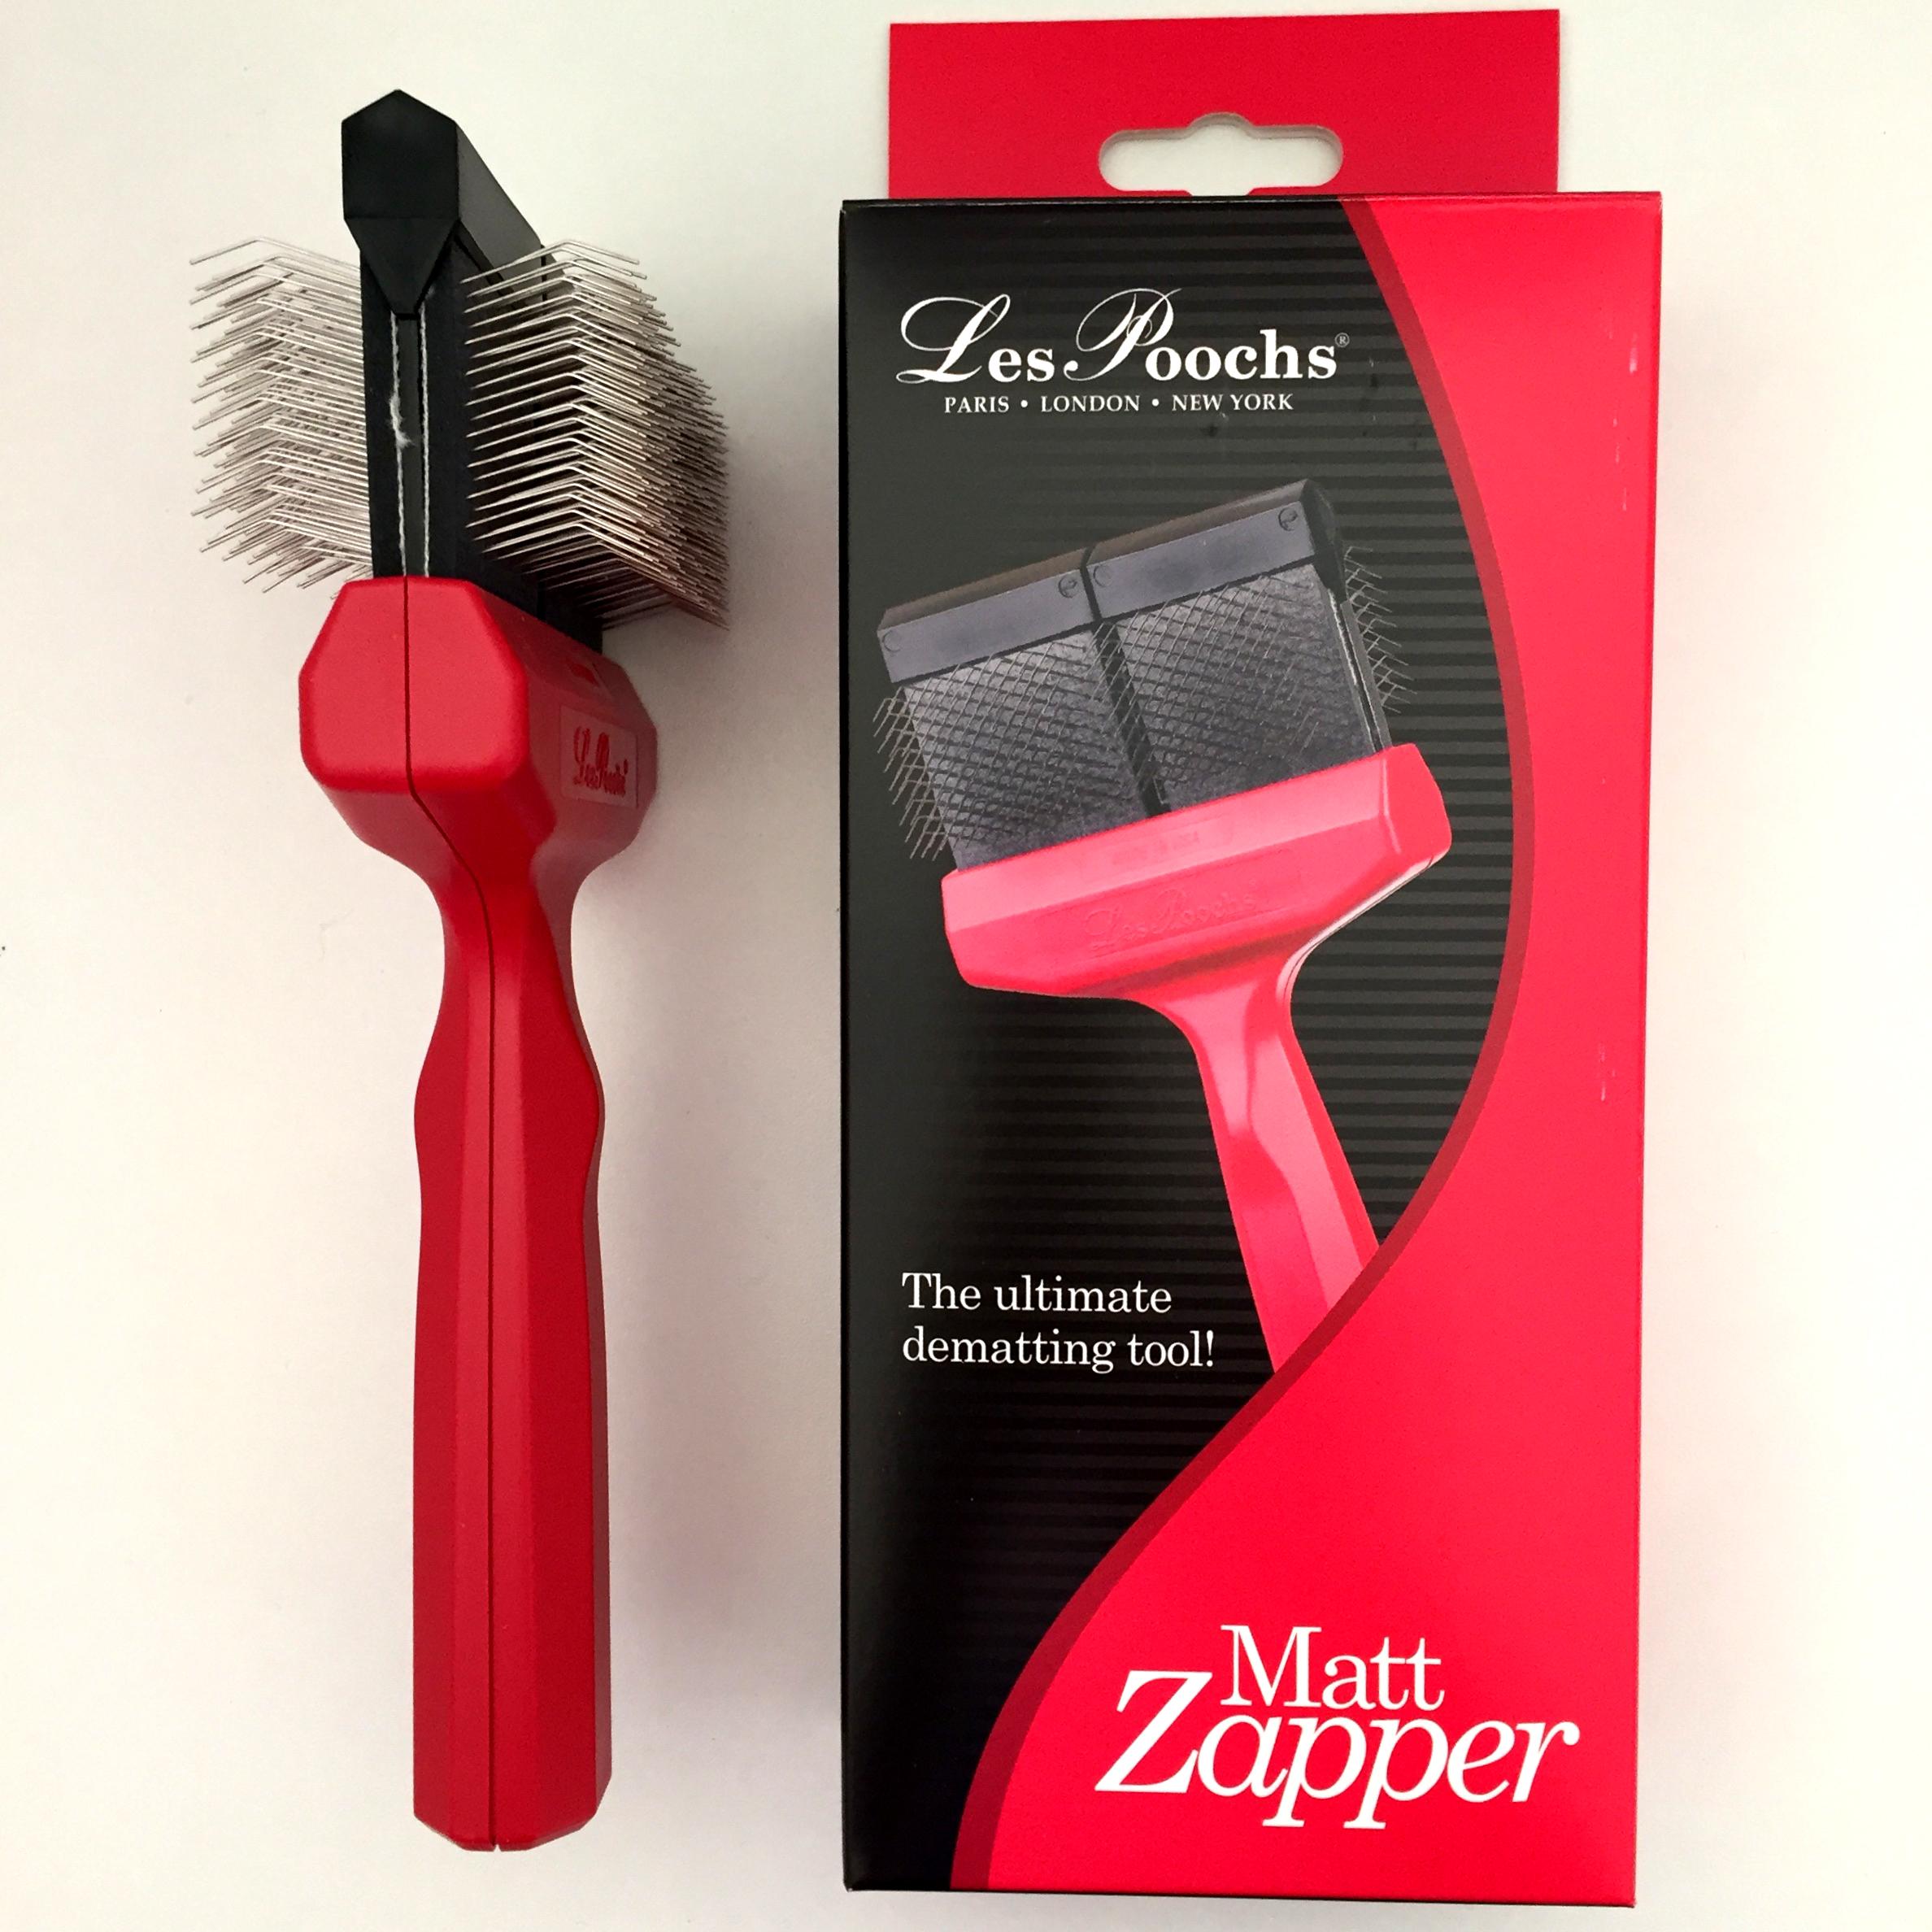 c5060 - Les Poochs brush Matzapper borstel, large (red)